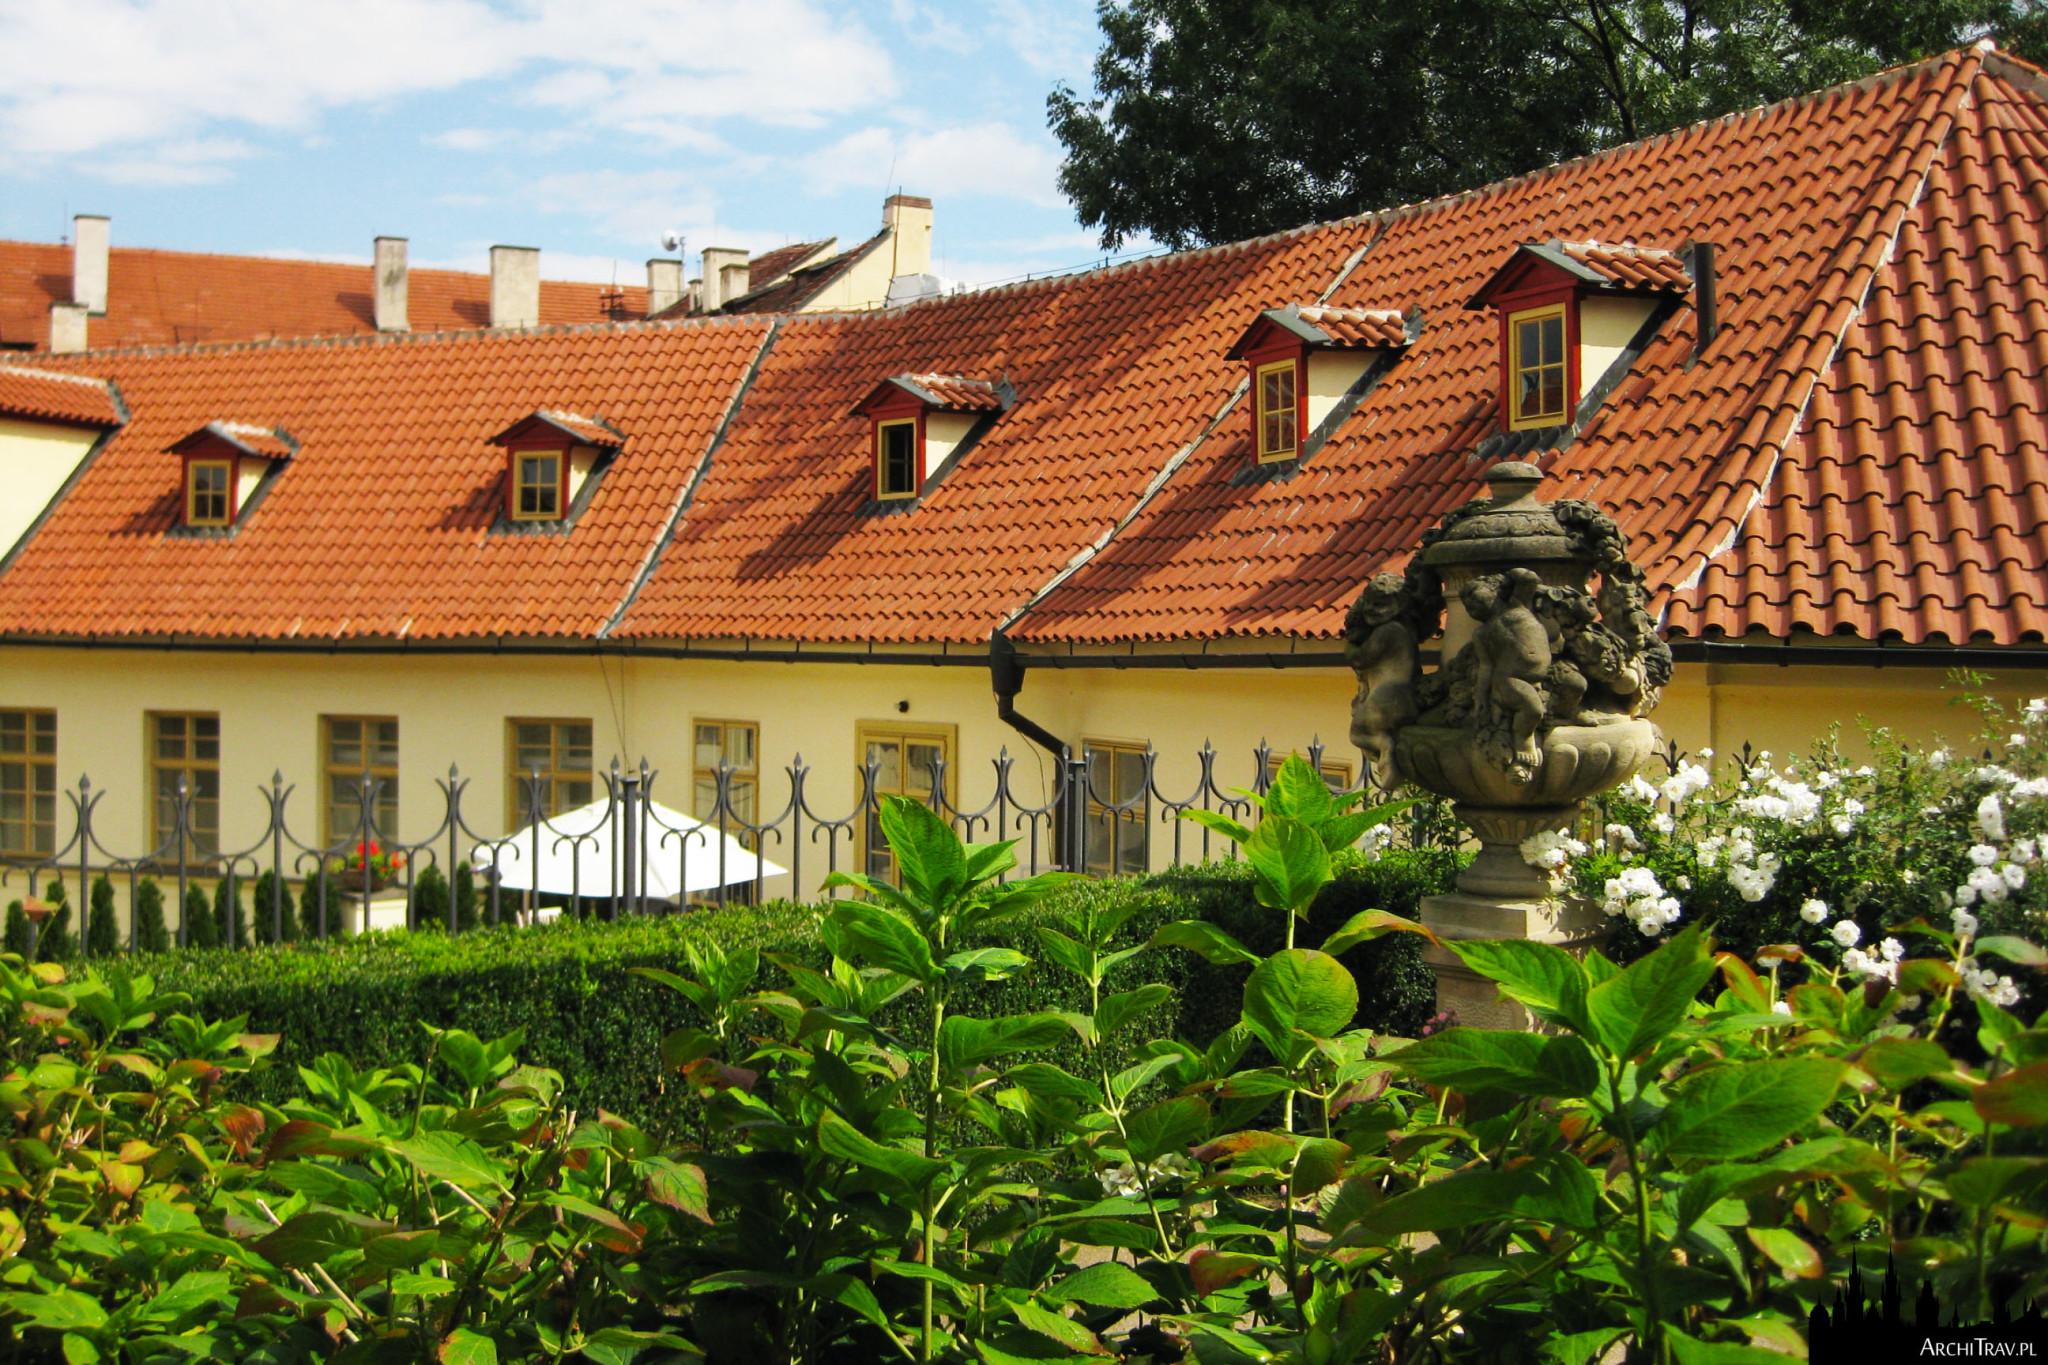 środkowy poziom w Ogrodzie Vrtbowskim, widok na zieleń i budynek pałacu Vrtbowskiego w Pradze